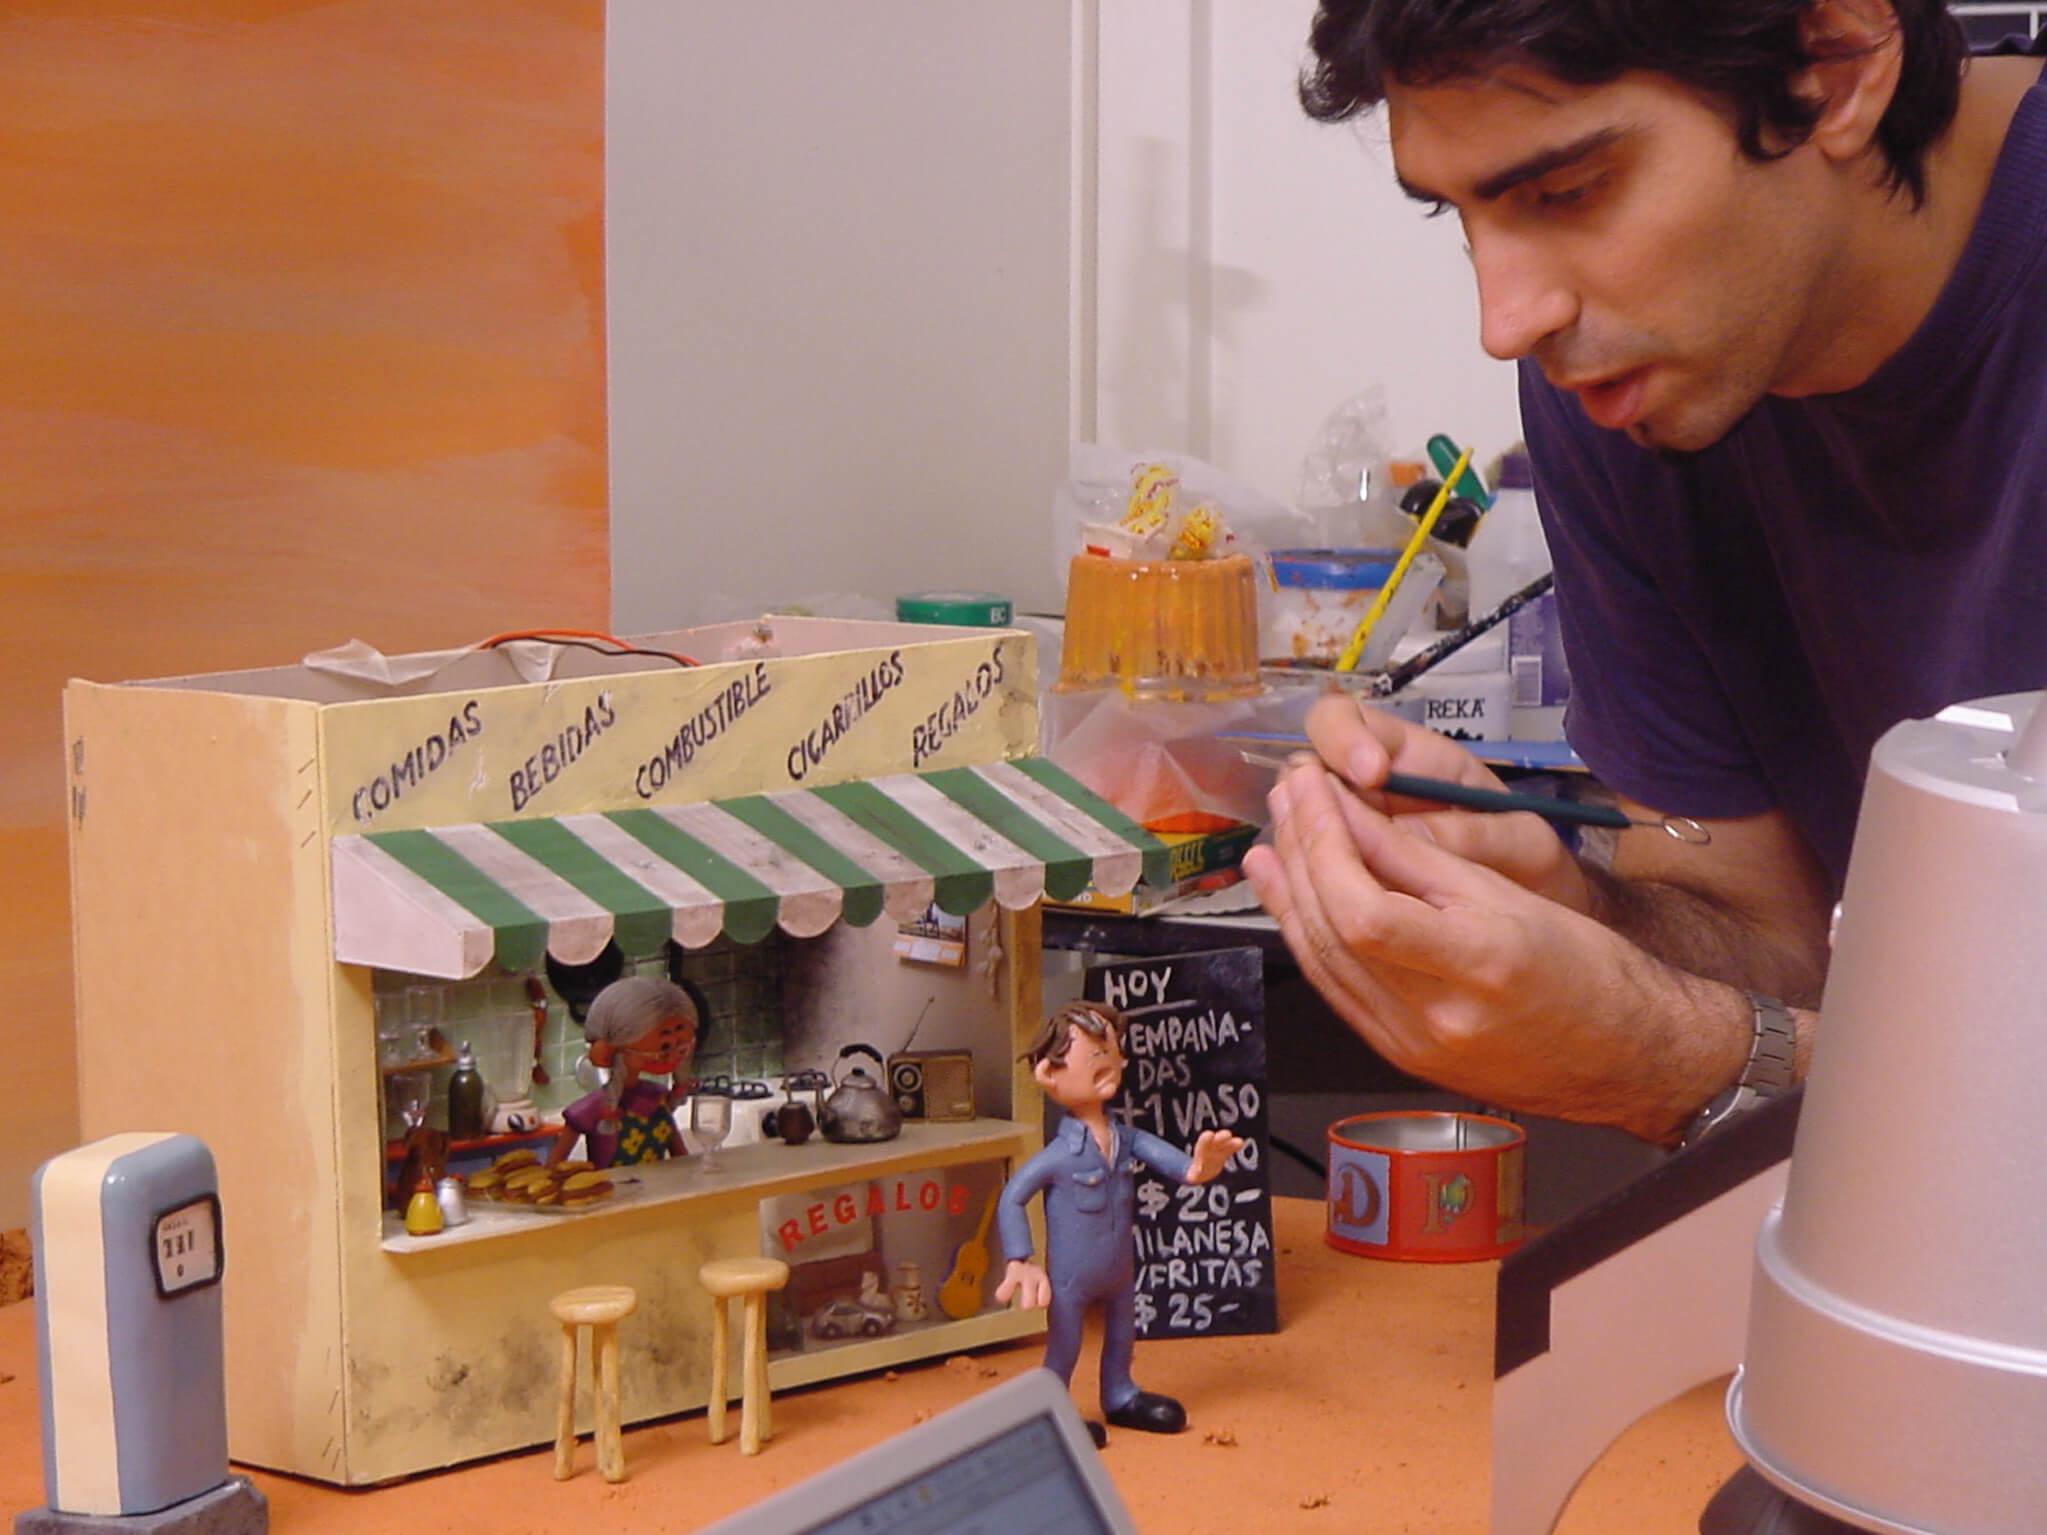 מפגש אמן - חואן פאבלו זרמלה